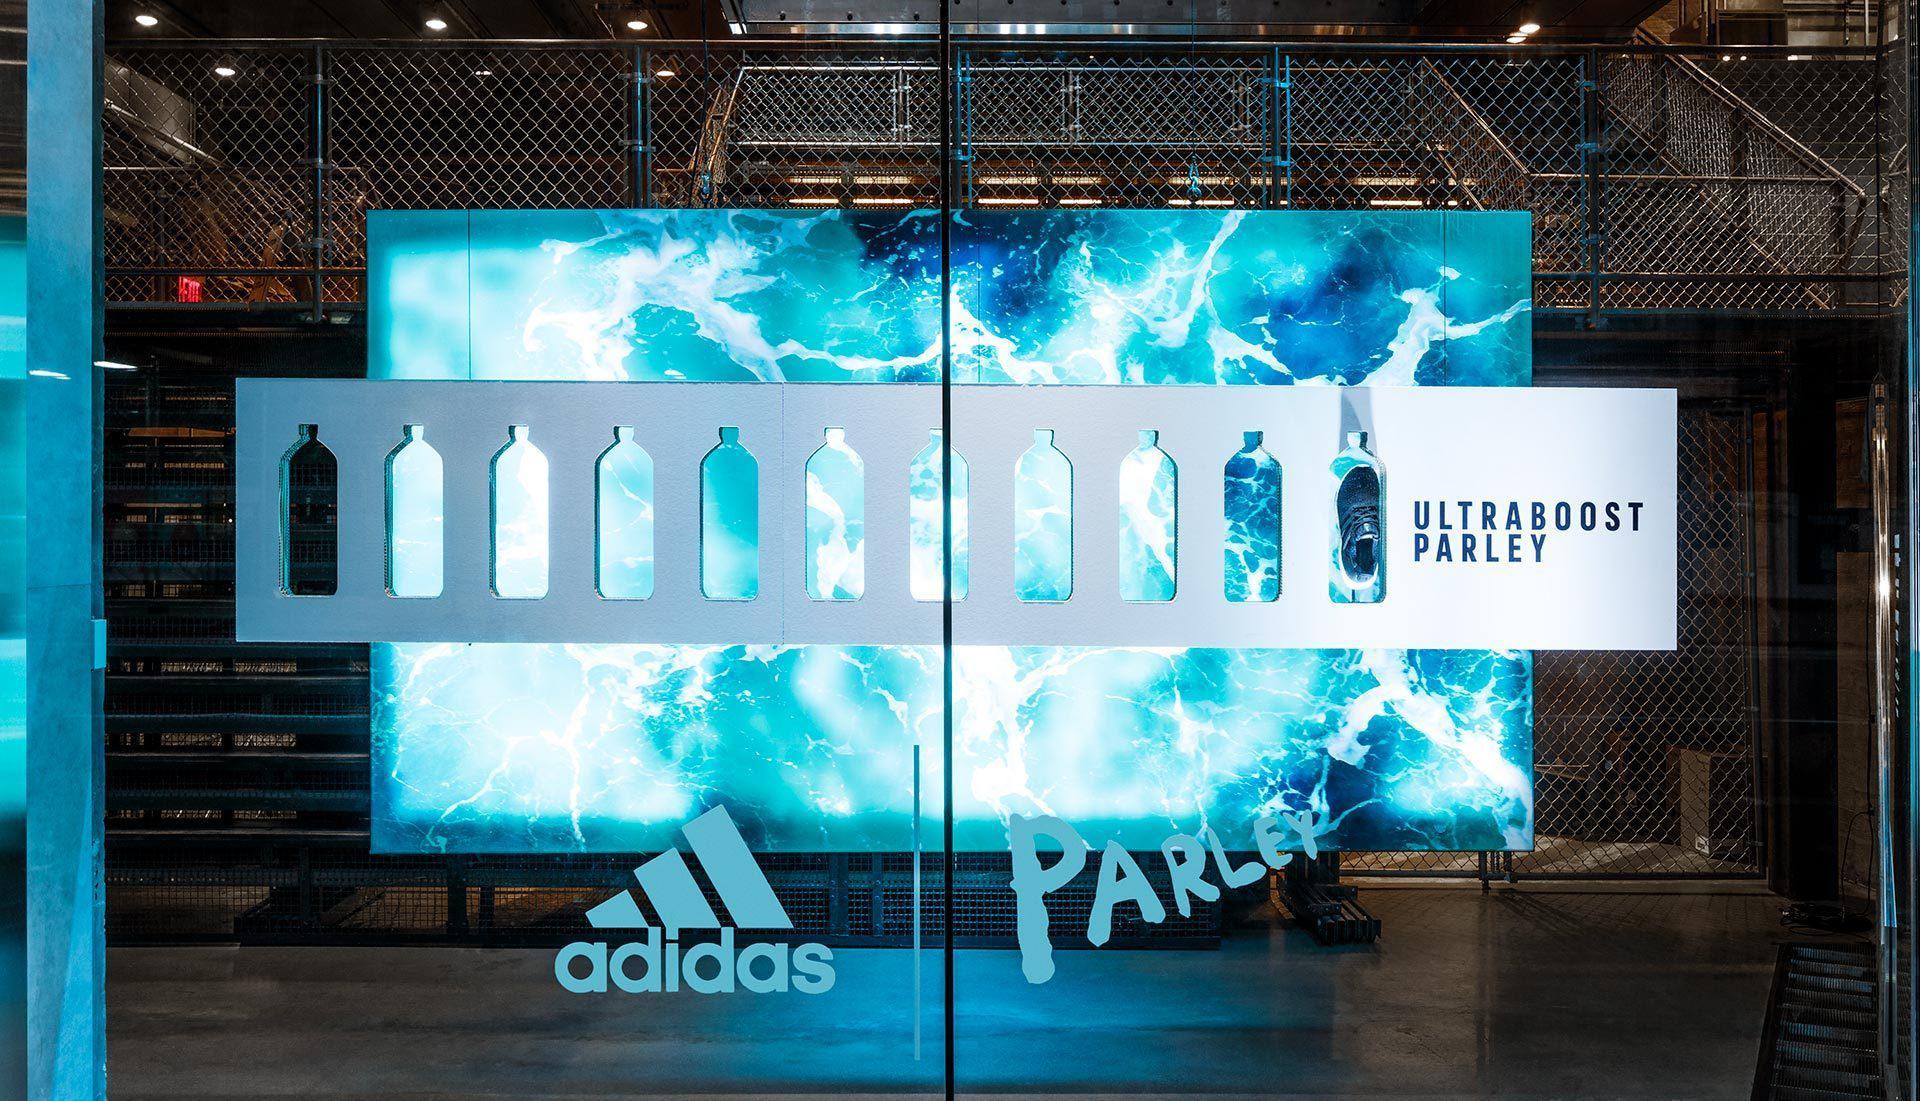 Adidas Parley R3 C1 V1